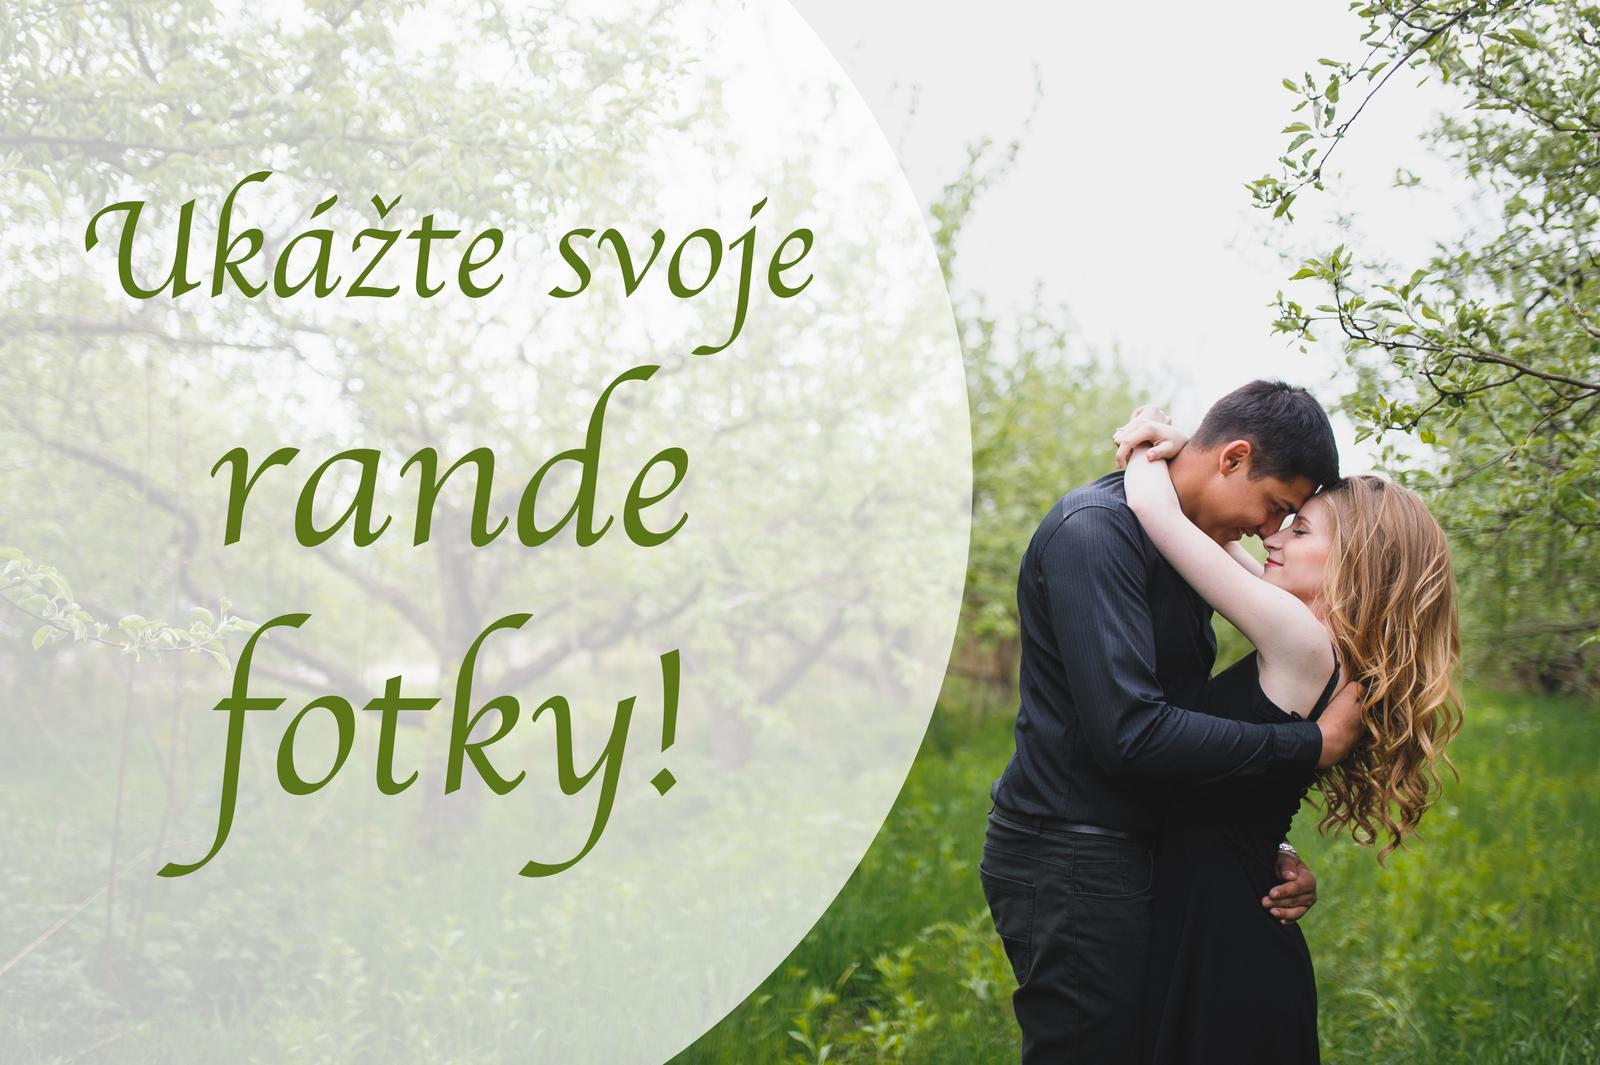 Pod najpoužívanejším označením na stránke #randefoto už dlho nič nepribudlo. Mali ste pred svadbou aj vy rande fotenie? Ukážte svoju foto (pokojne aj celý album) a pošlem vám srdiečko :) Spravme si deň krajším! - Obrázok č. 1